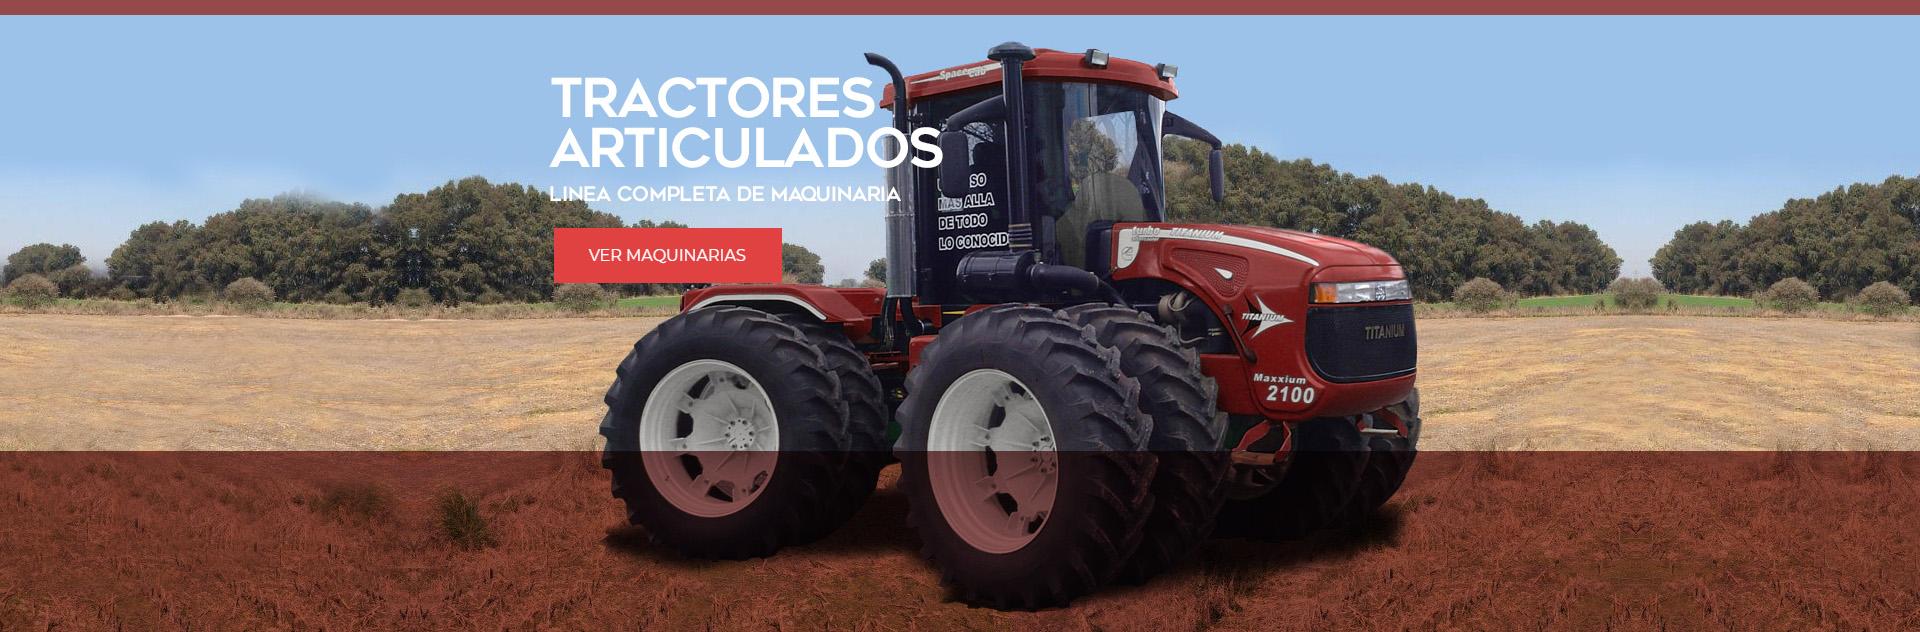 Tractores Articulados Abati Titanium Argentina Maquinaria Agricola